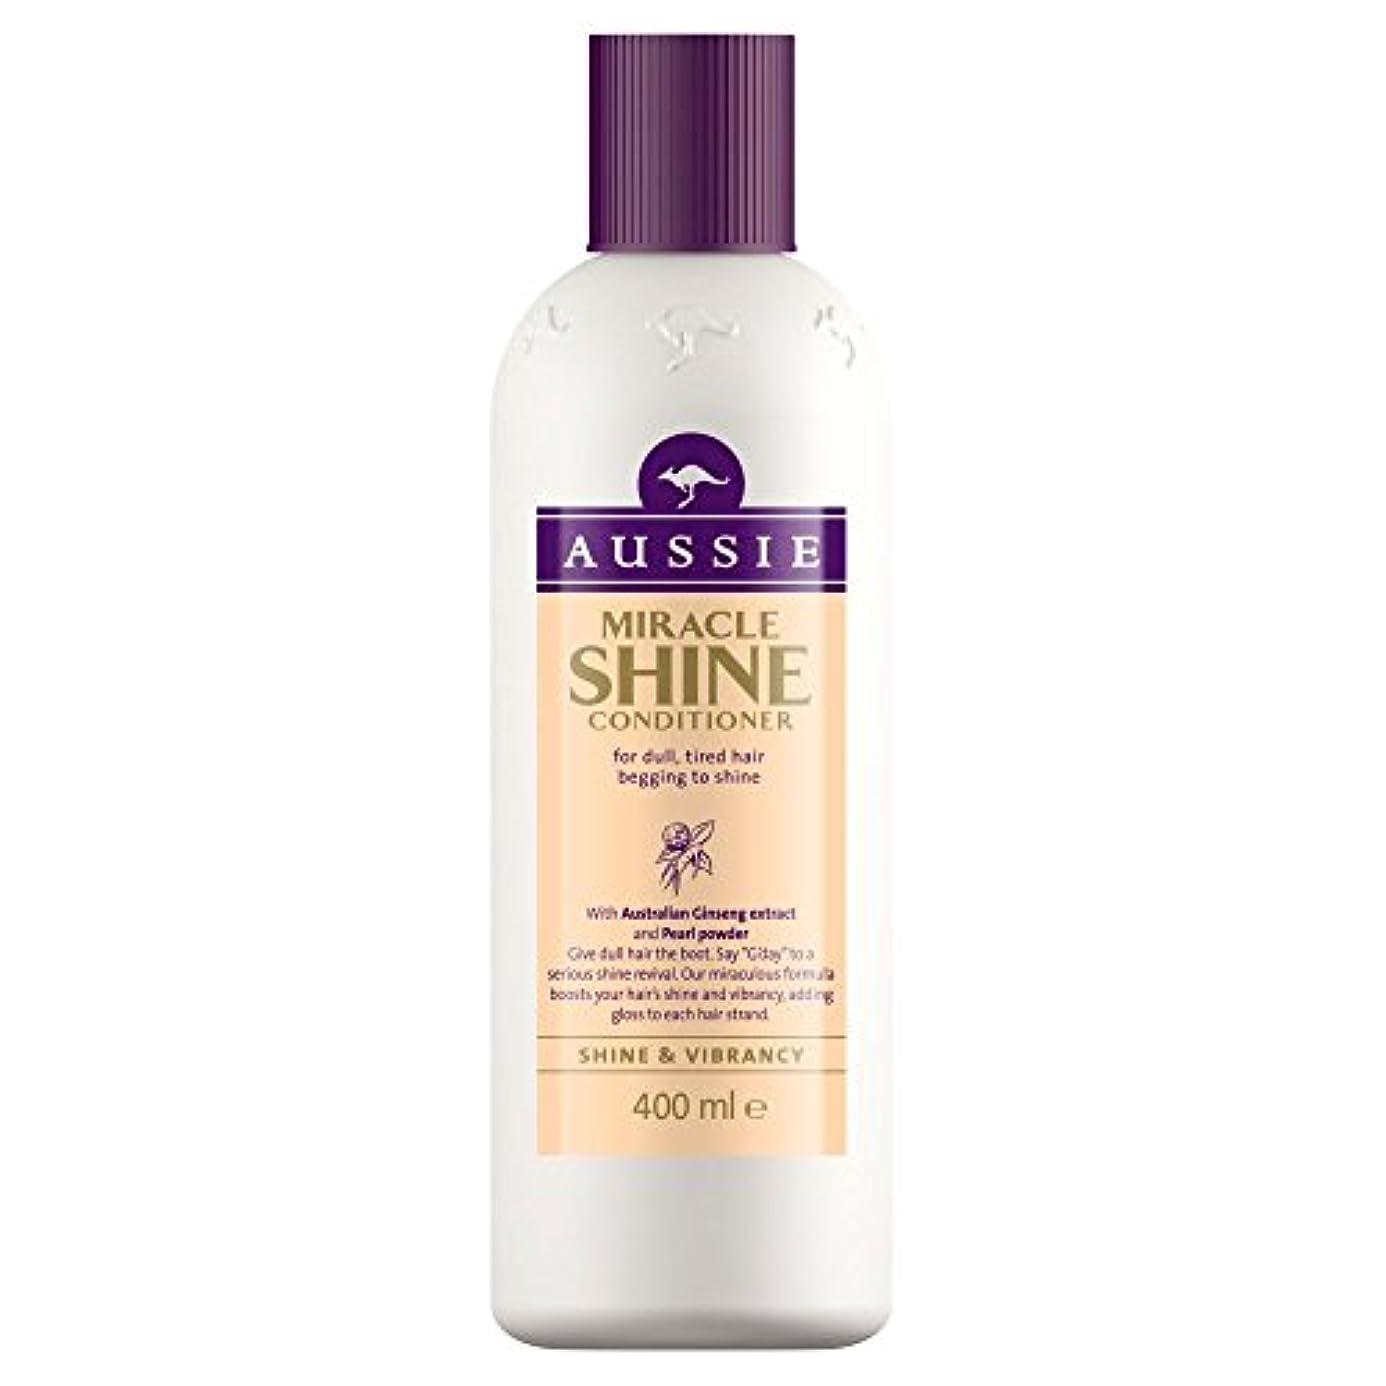 抑制する技術的なヒットAussie Miracle Shine Conditioner (400ml) オージー奇跡のシャインコンディショナー( 400ミリリットル) [並行輸入品]